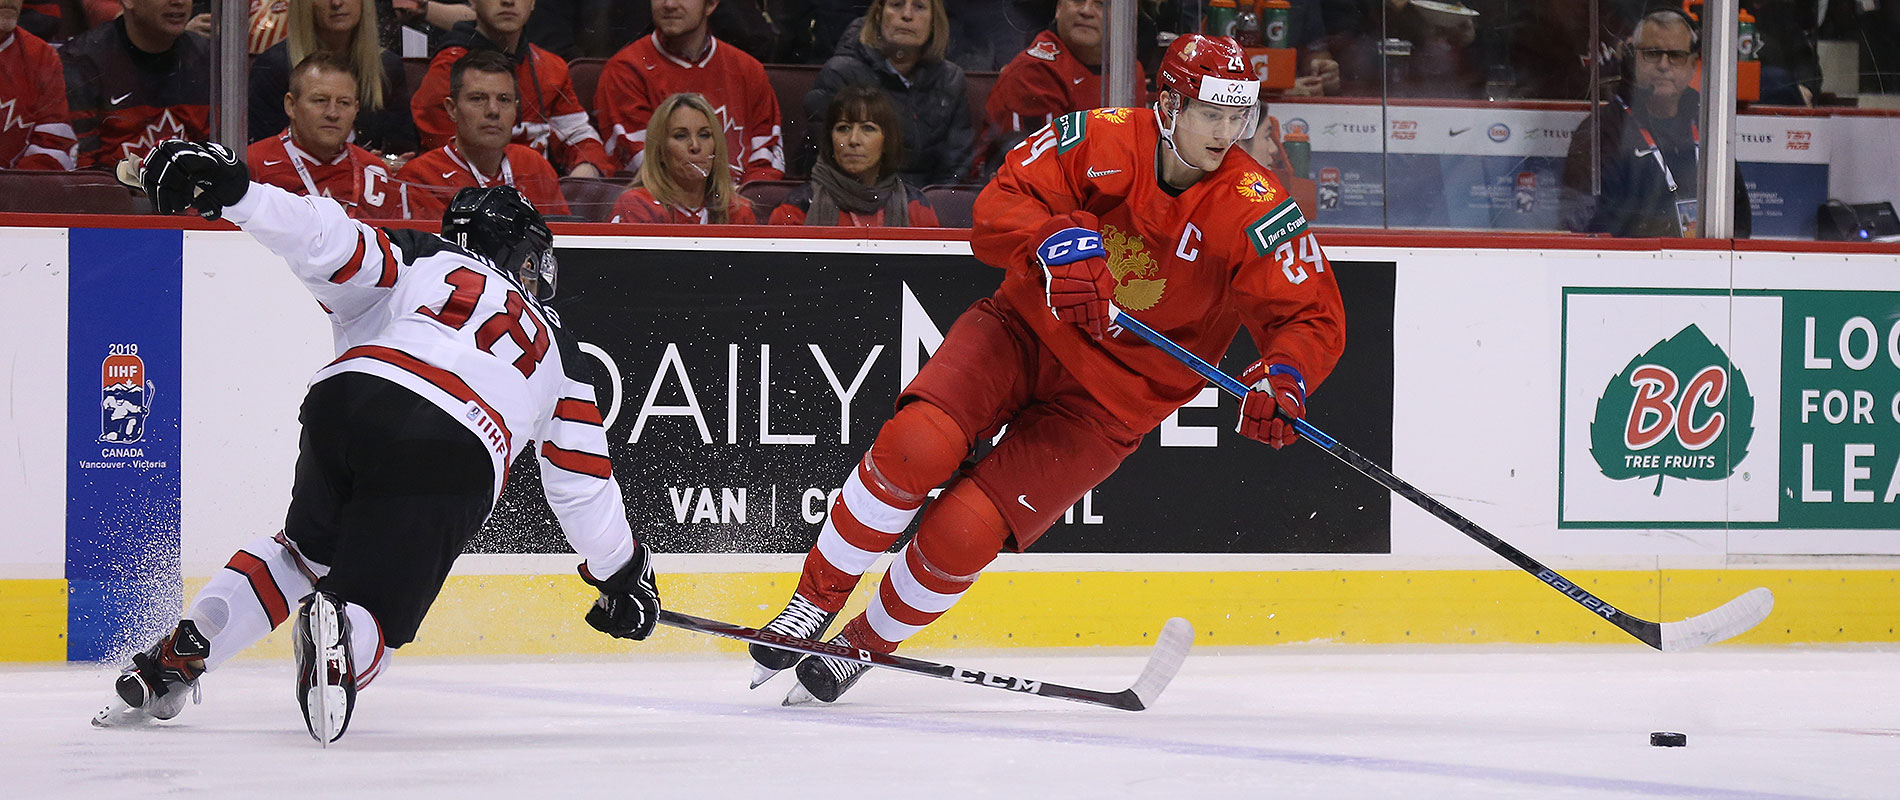 какое место занимает россия по хоккею